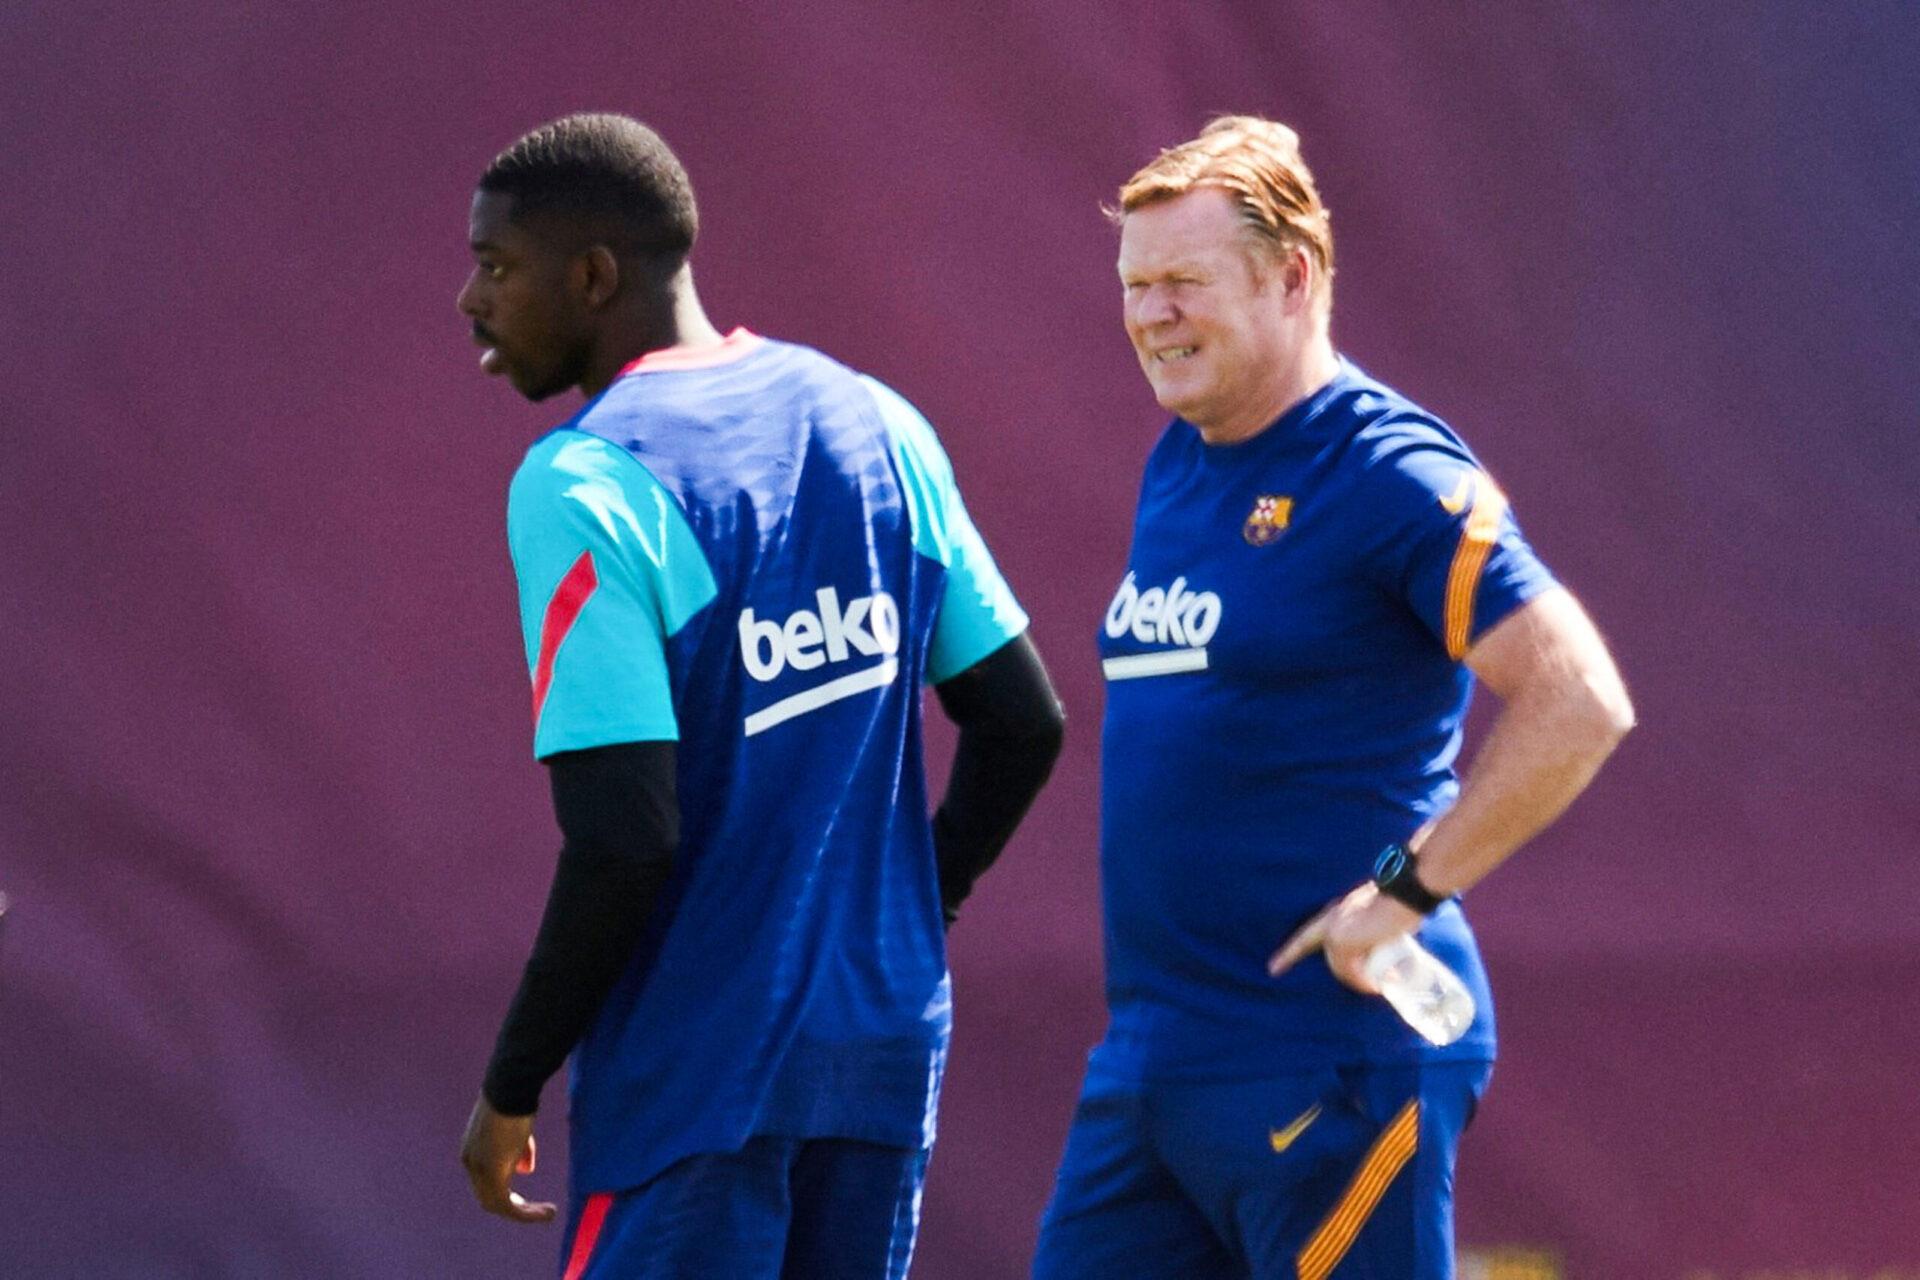 Ronald Koeman et Ousmane Dembélé lors d'un entraînement du FC Barcelone (IconSport)